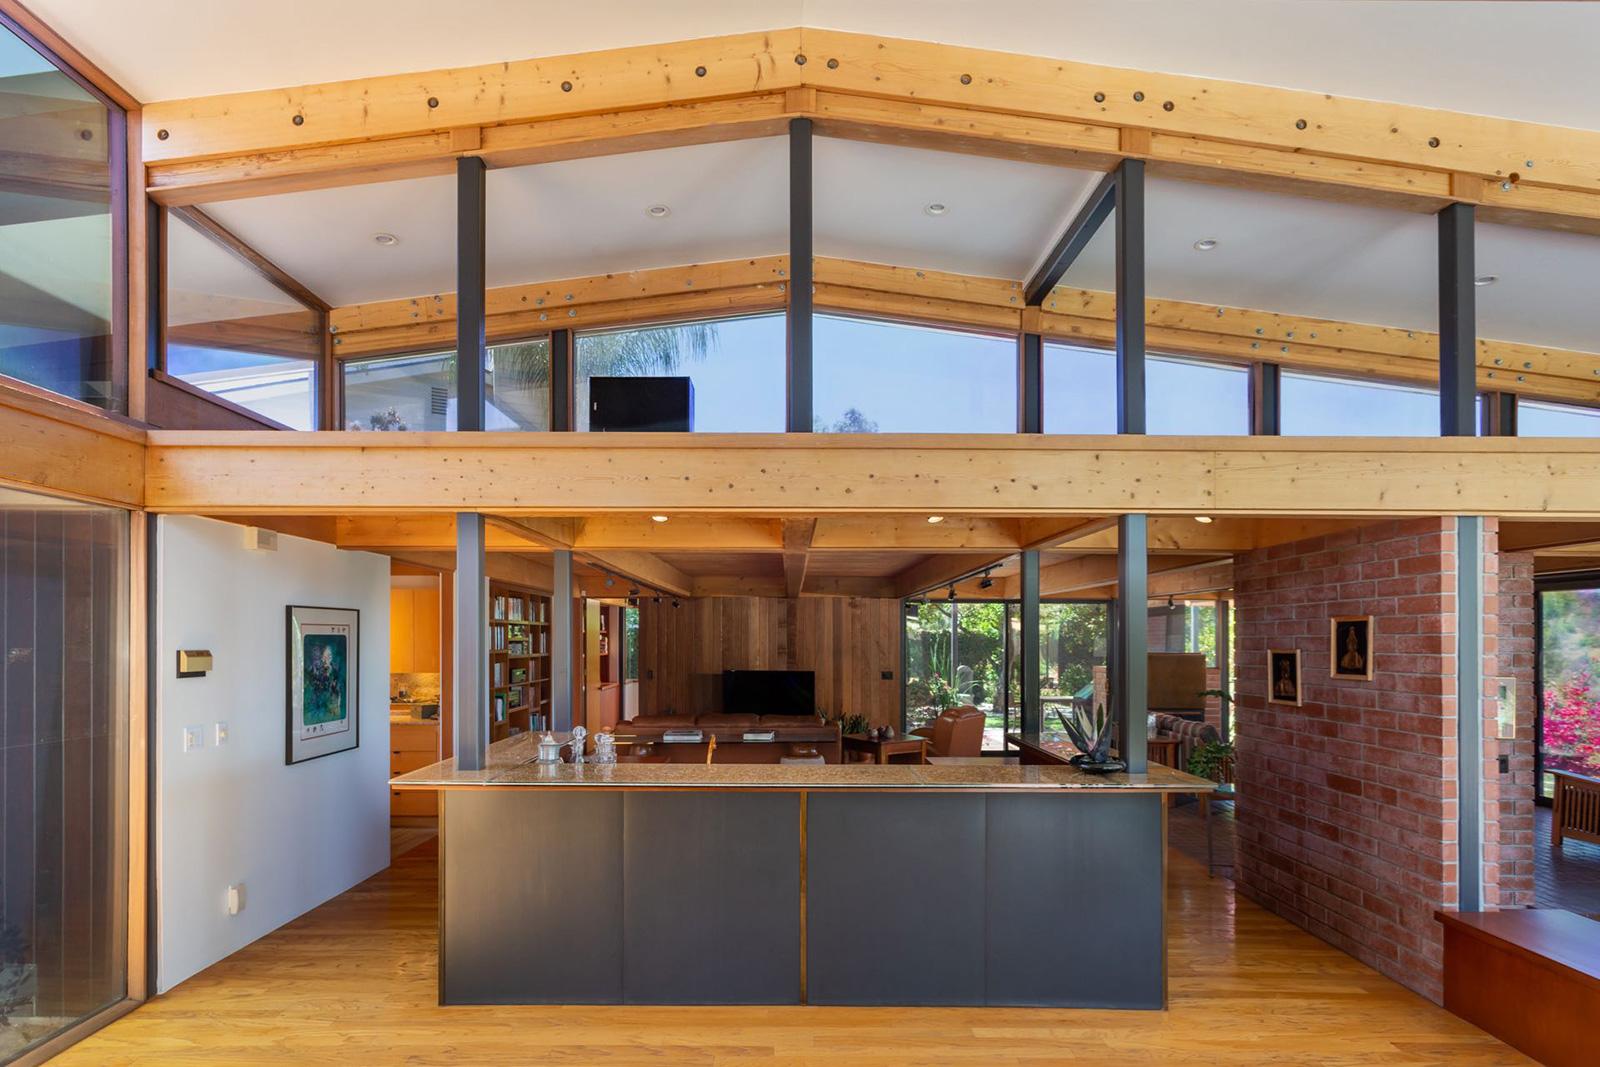 The Meyer Residence in Sherman Oaks, LA by Ray Kappe